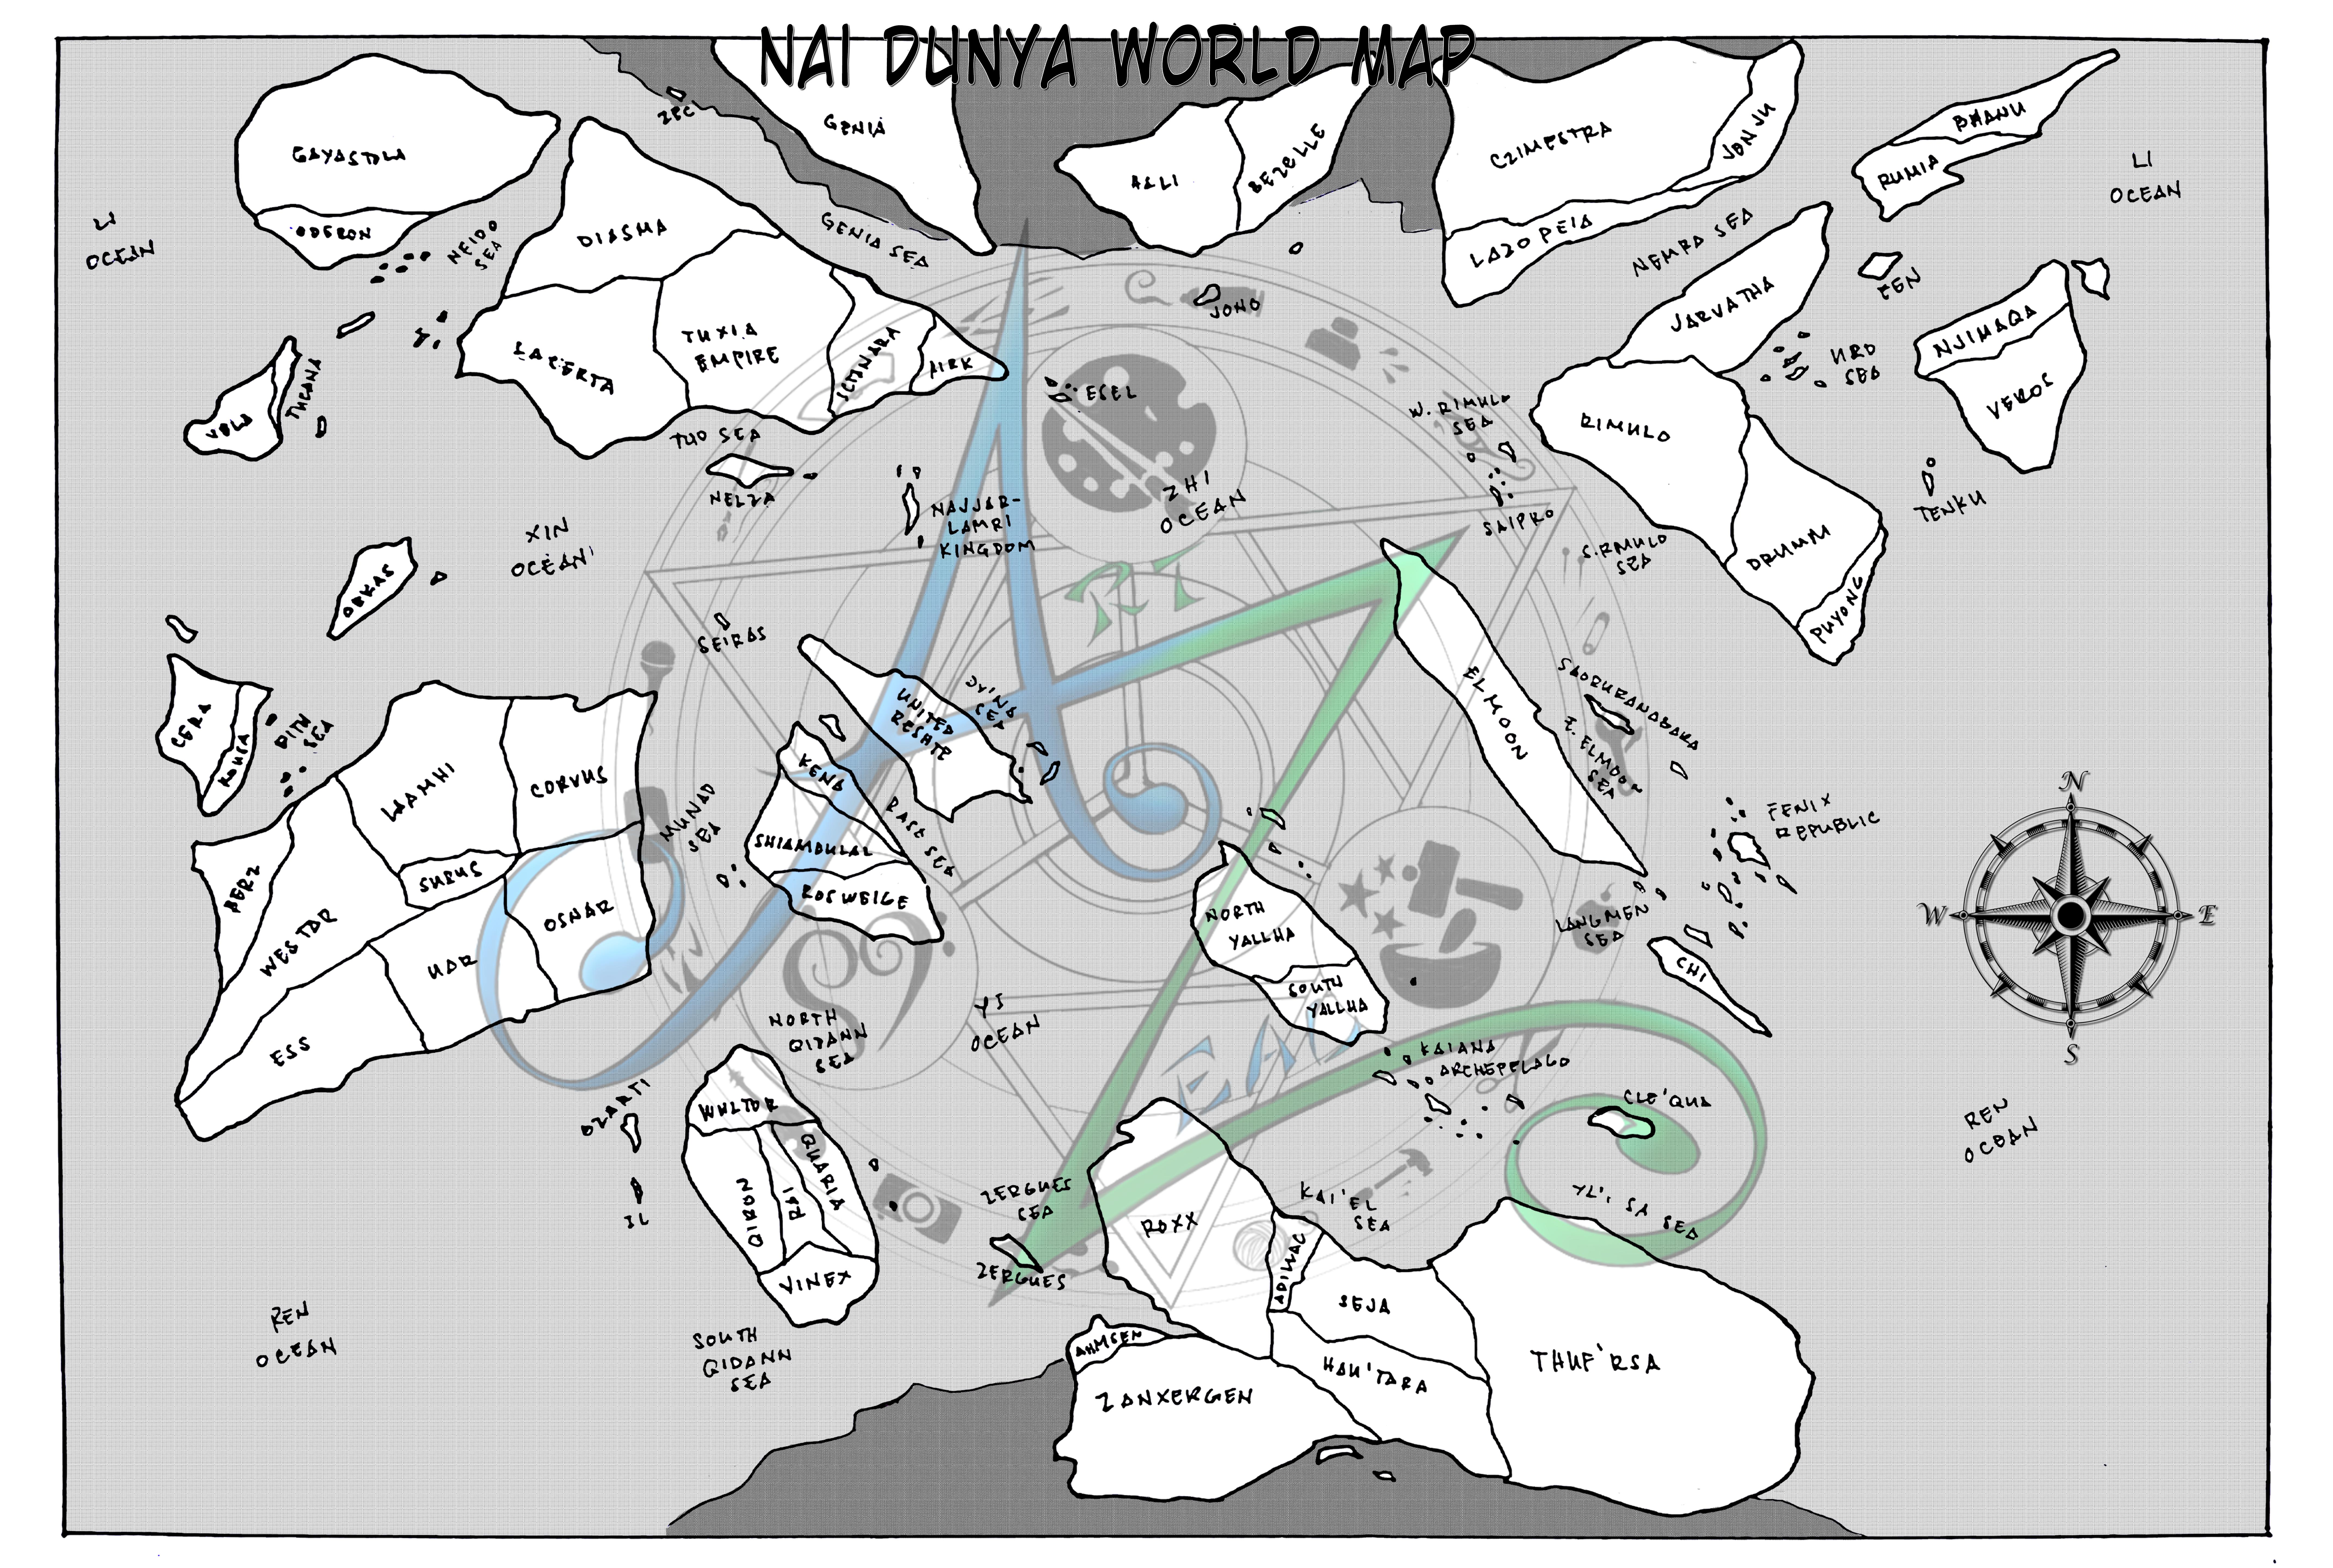 Nai Dunya World Map